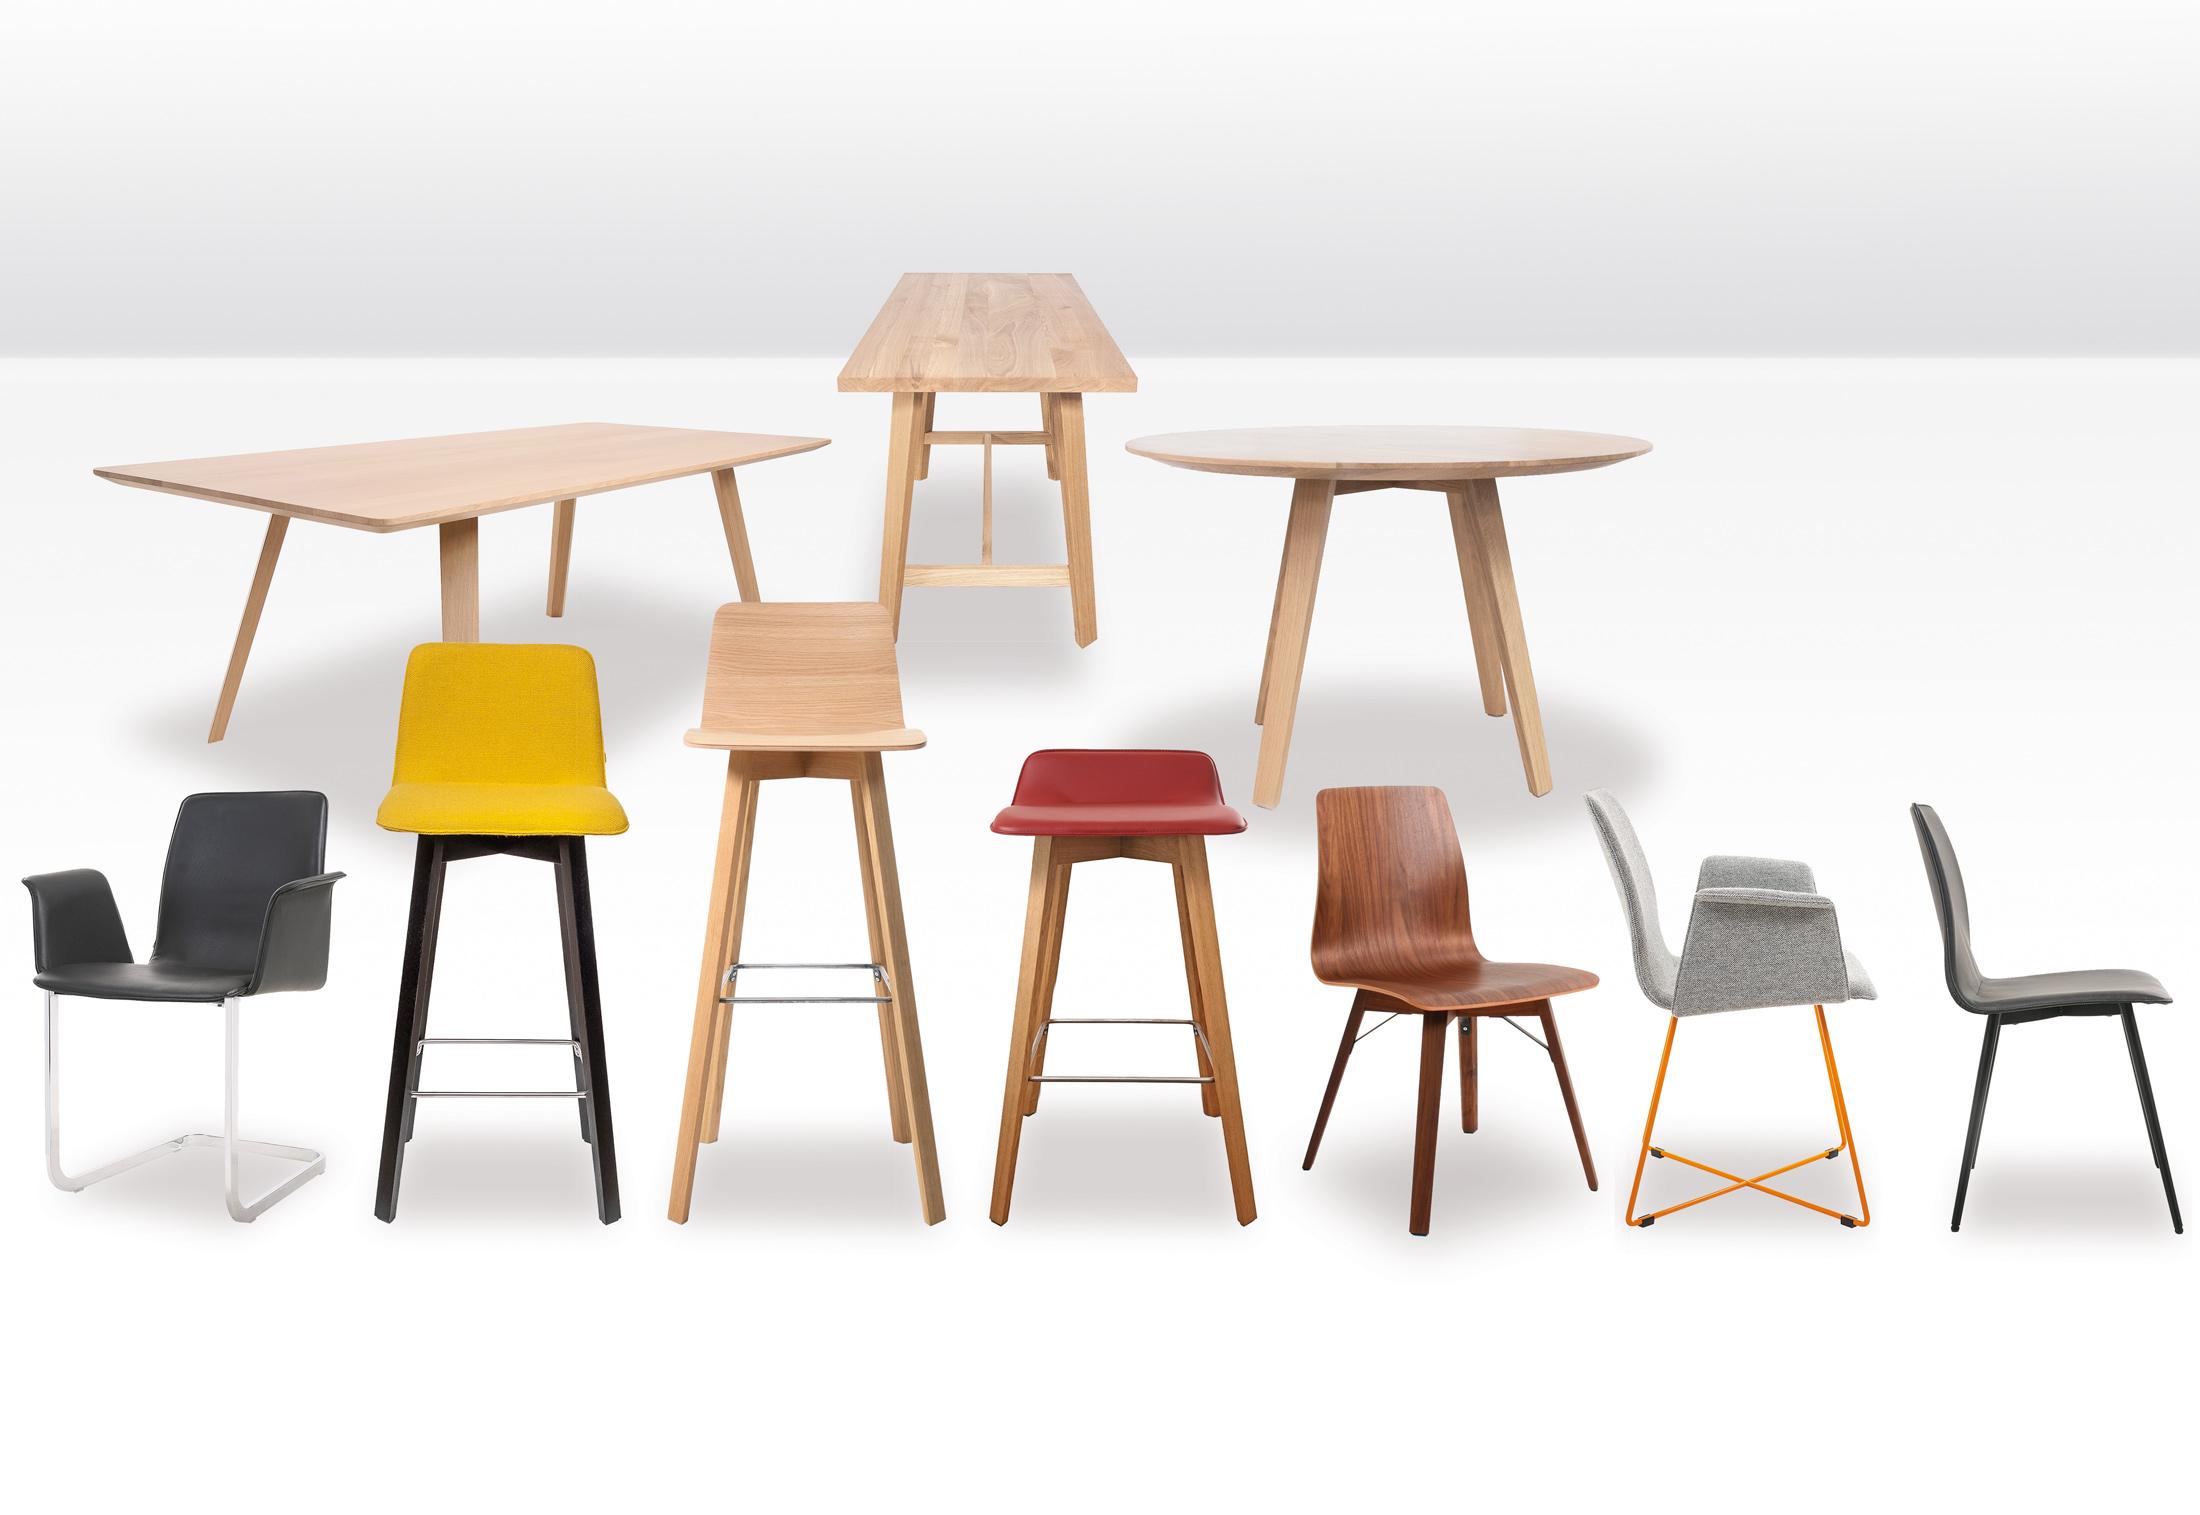 maverick holz von kff stylepark. Black Bedroom Furniture Sets. Home Design Ideas